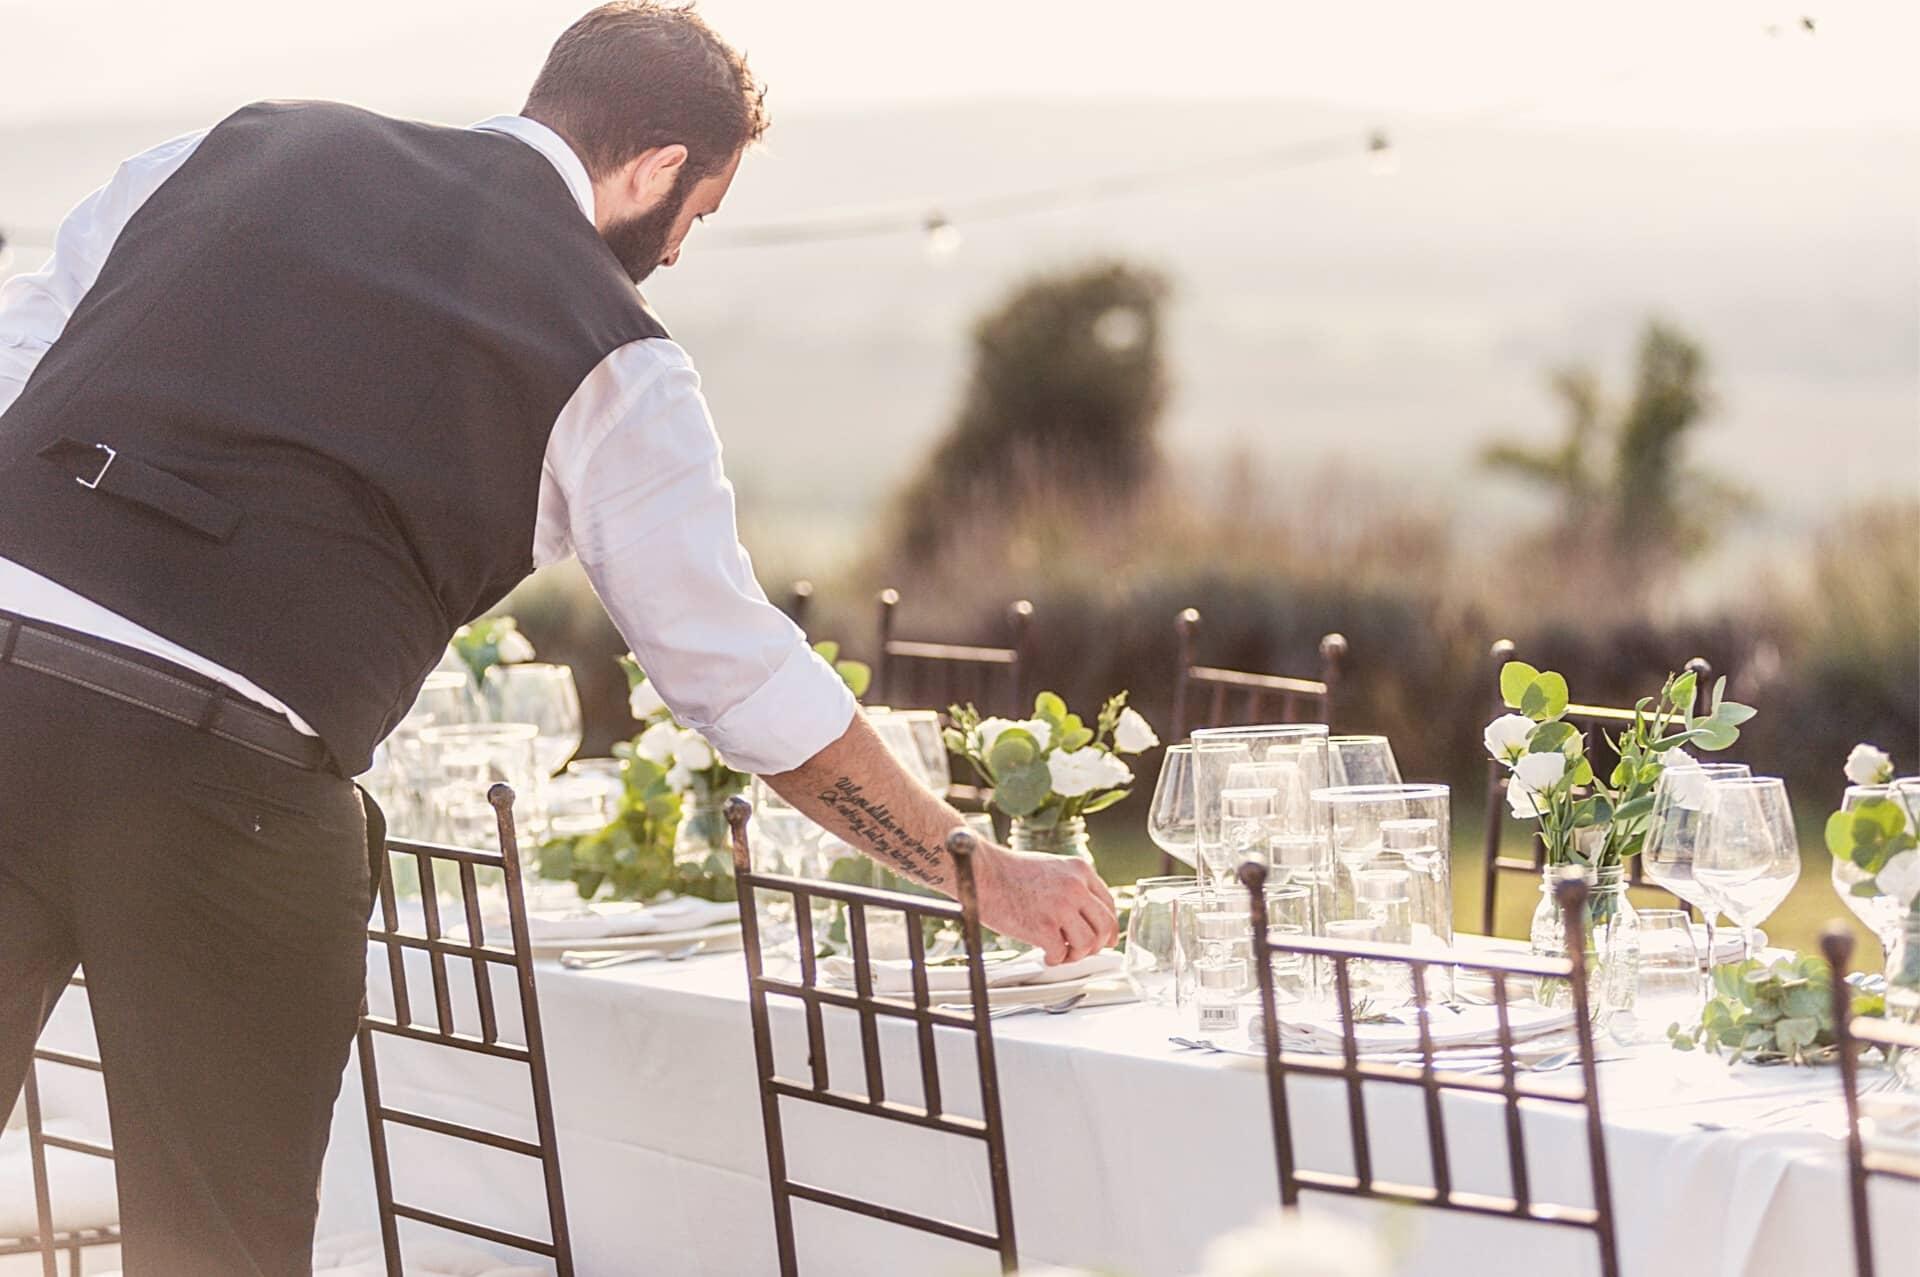 Vilma Wedding and Event Planner_Vilma Rapšaitė_vestuvių dekoras Italijoje_vestuvių organizatorė Italijoje_santuokos planuotoja_destination wedding